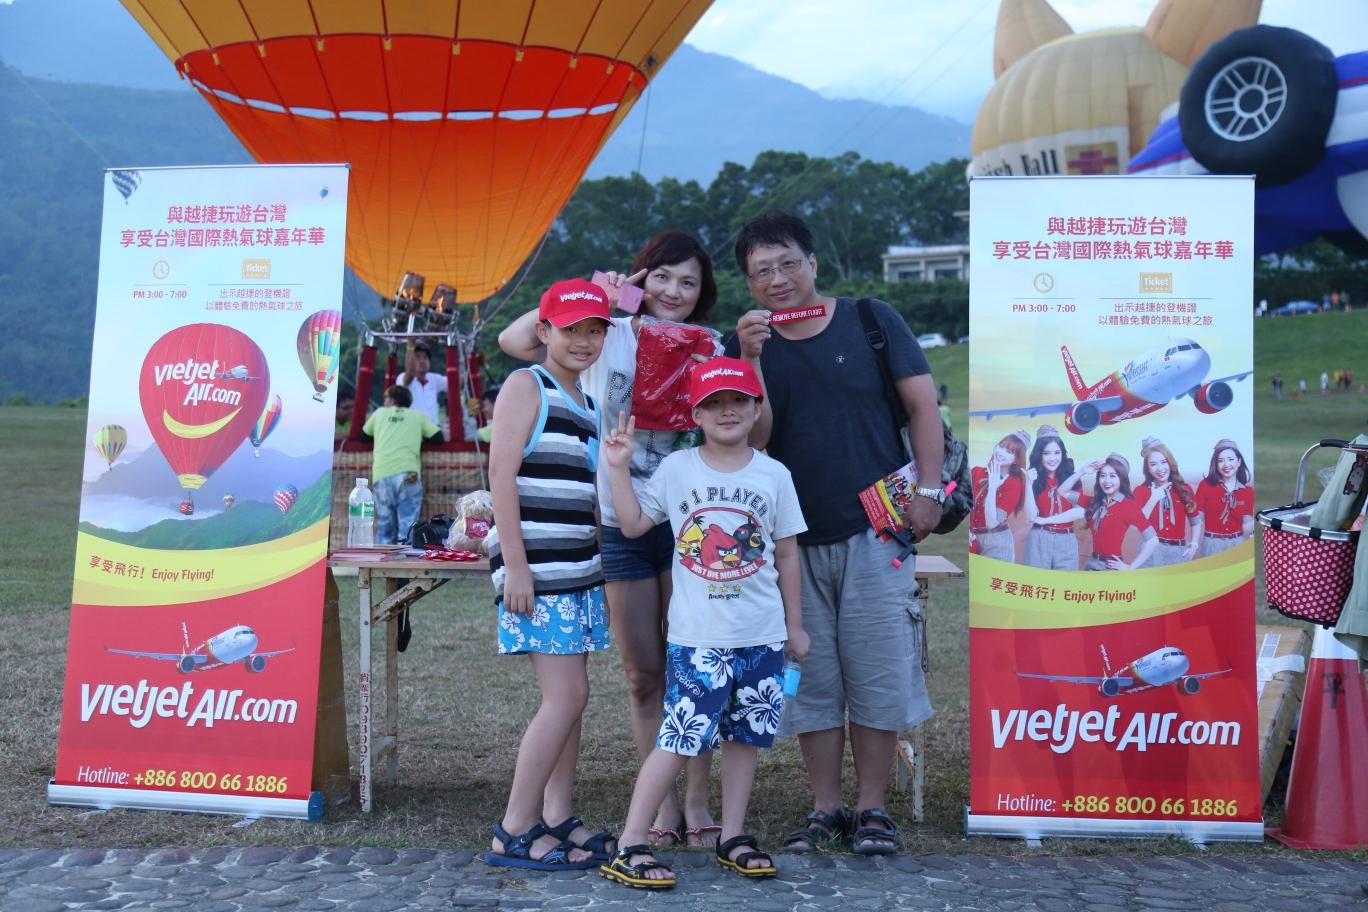 Biểu tượng Vietjet rực rỡ tại Lễ hội khinh khí cầu quốc tế - 7